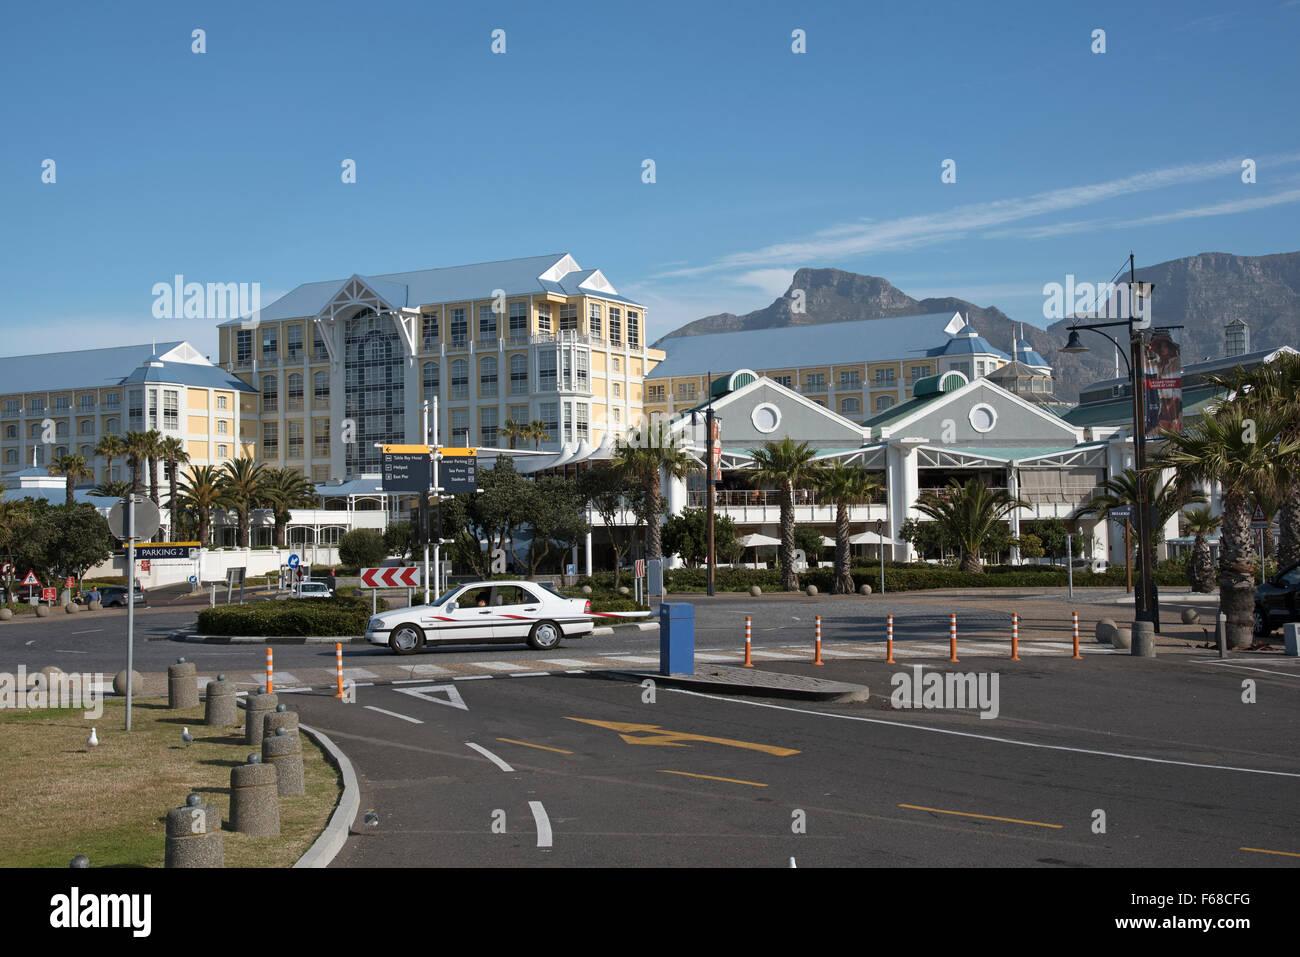 Protea Hotel Century City Cape Town